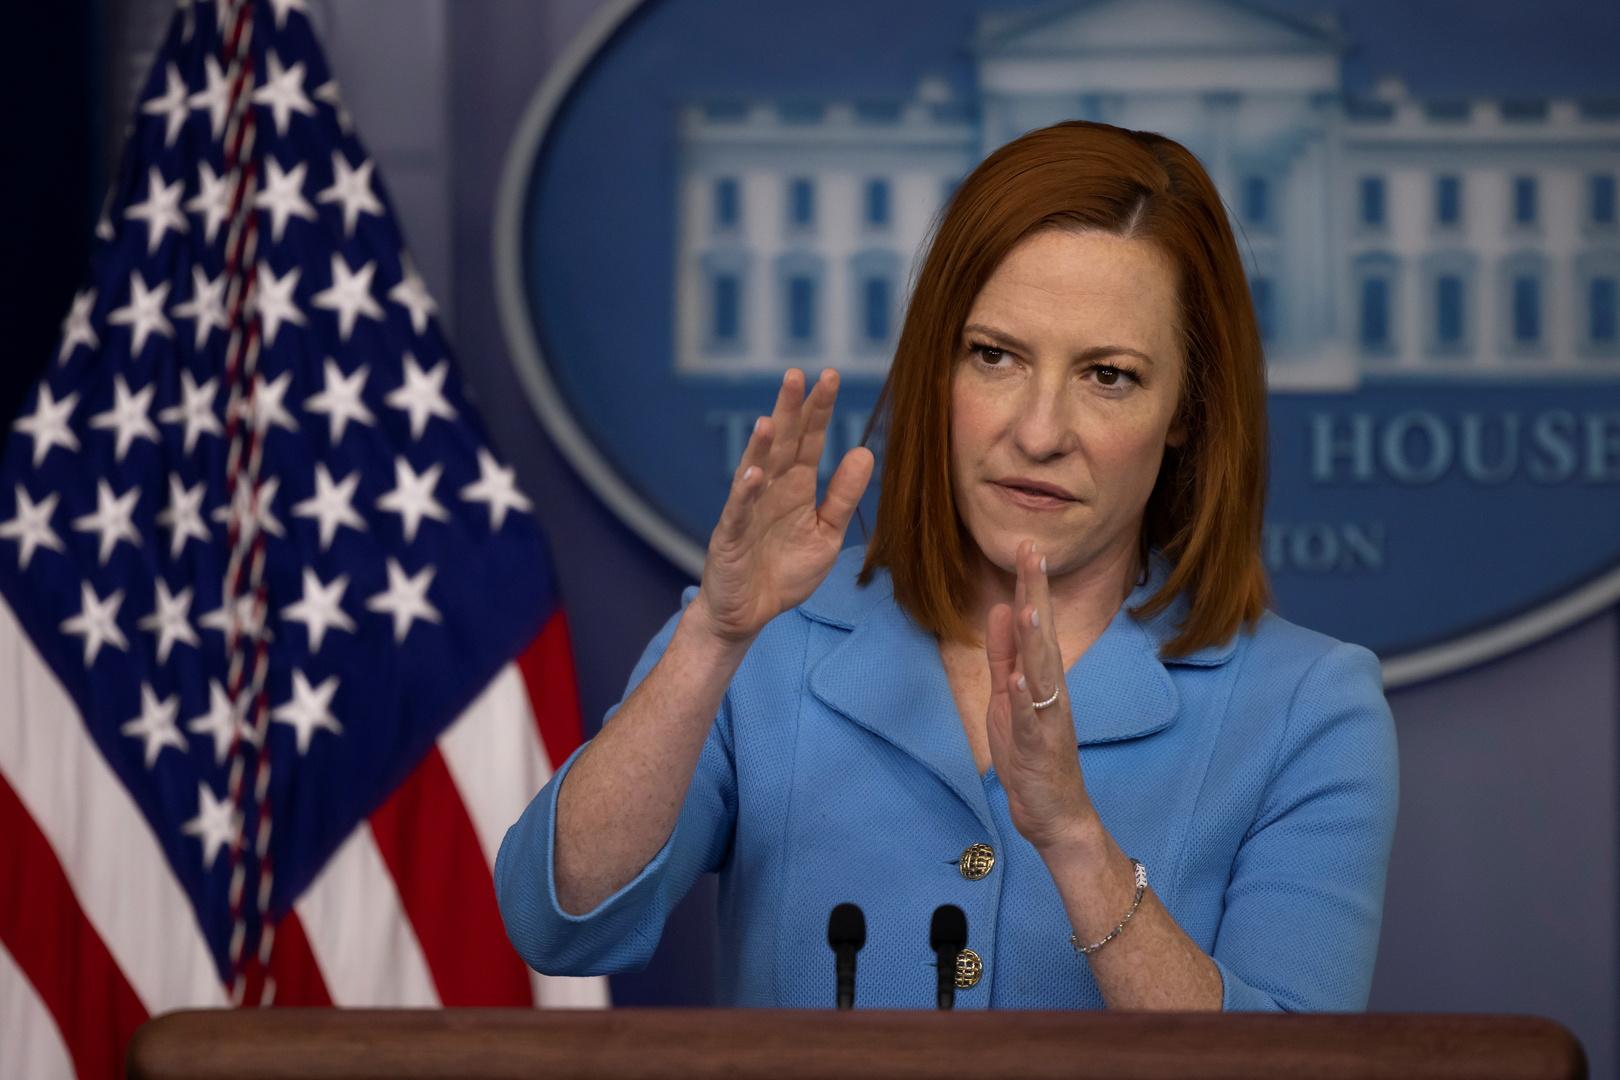 البيت الأبيض: لا علم لنا عن موعد إجراء الجولة الجديدة من مفاوضات فيينا حول